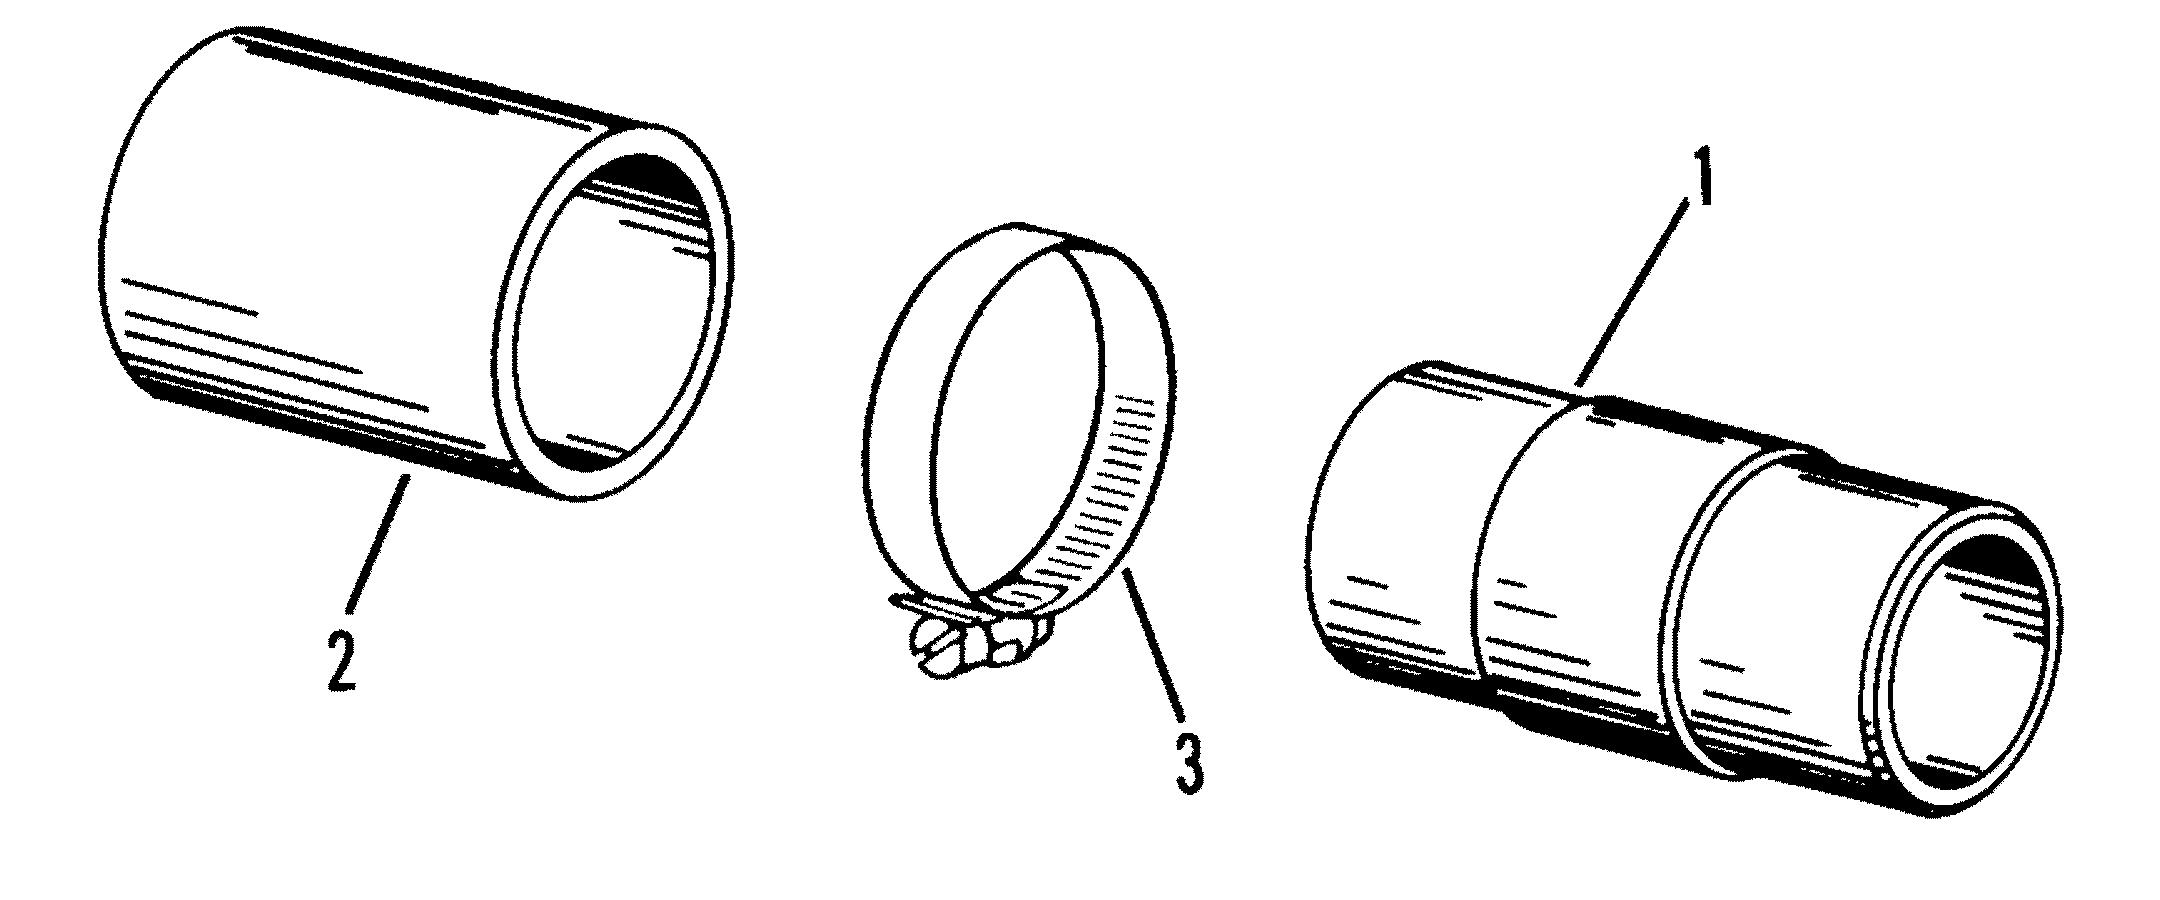 Accessories Power Steering Tiller